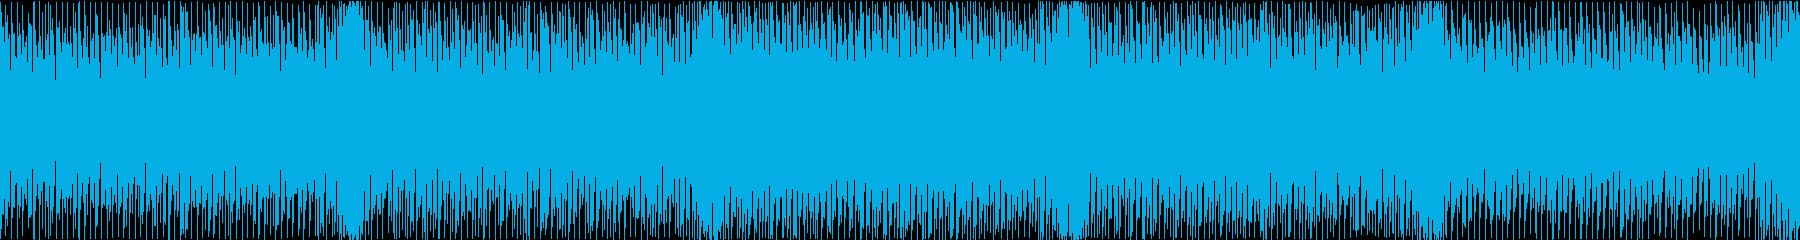 テンポよく作業が進んでいく感じのテクノの再生済みの波形